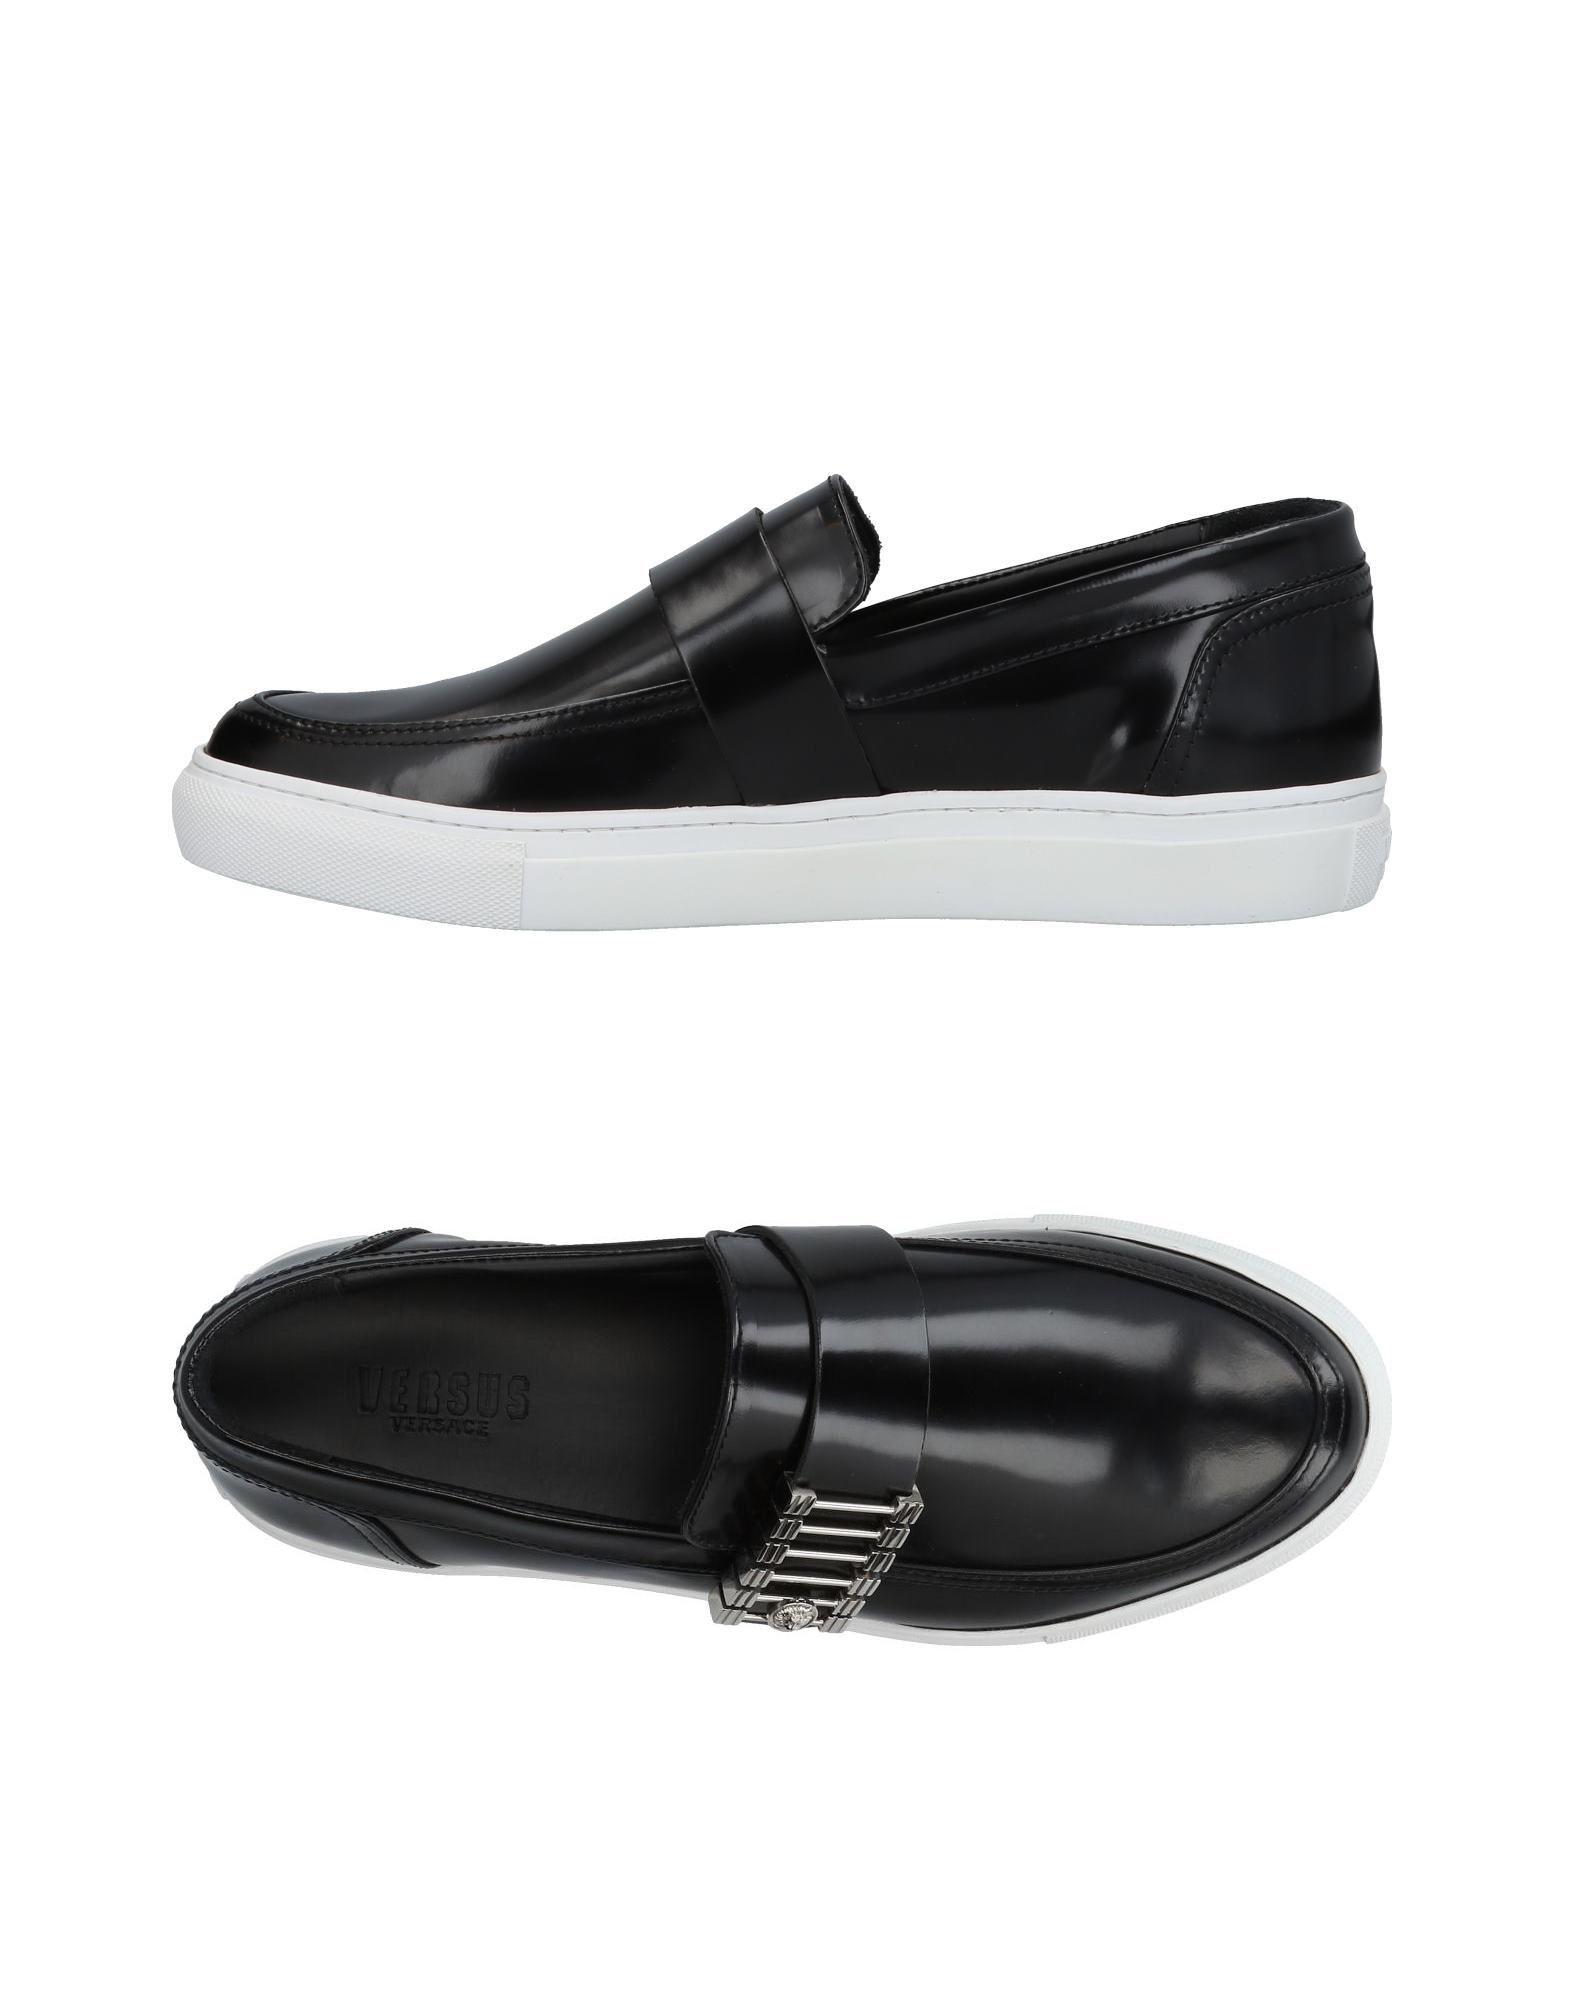 Versus Versace Sneakers Qualität Herren  11421243MN Gute Qualität Sneakers beliebte Schuhe 1fa95d